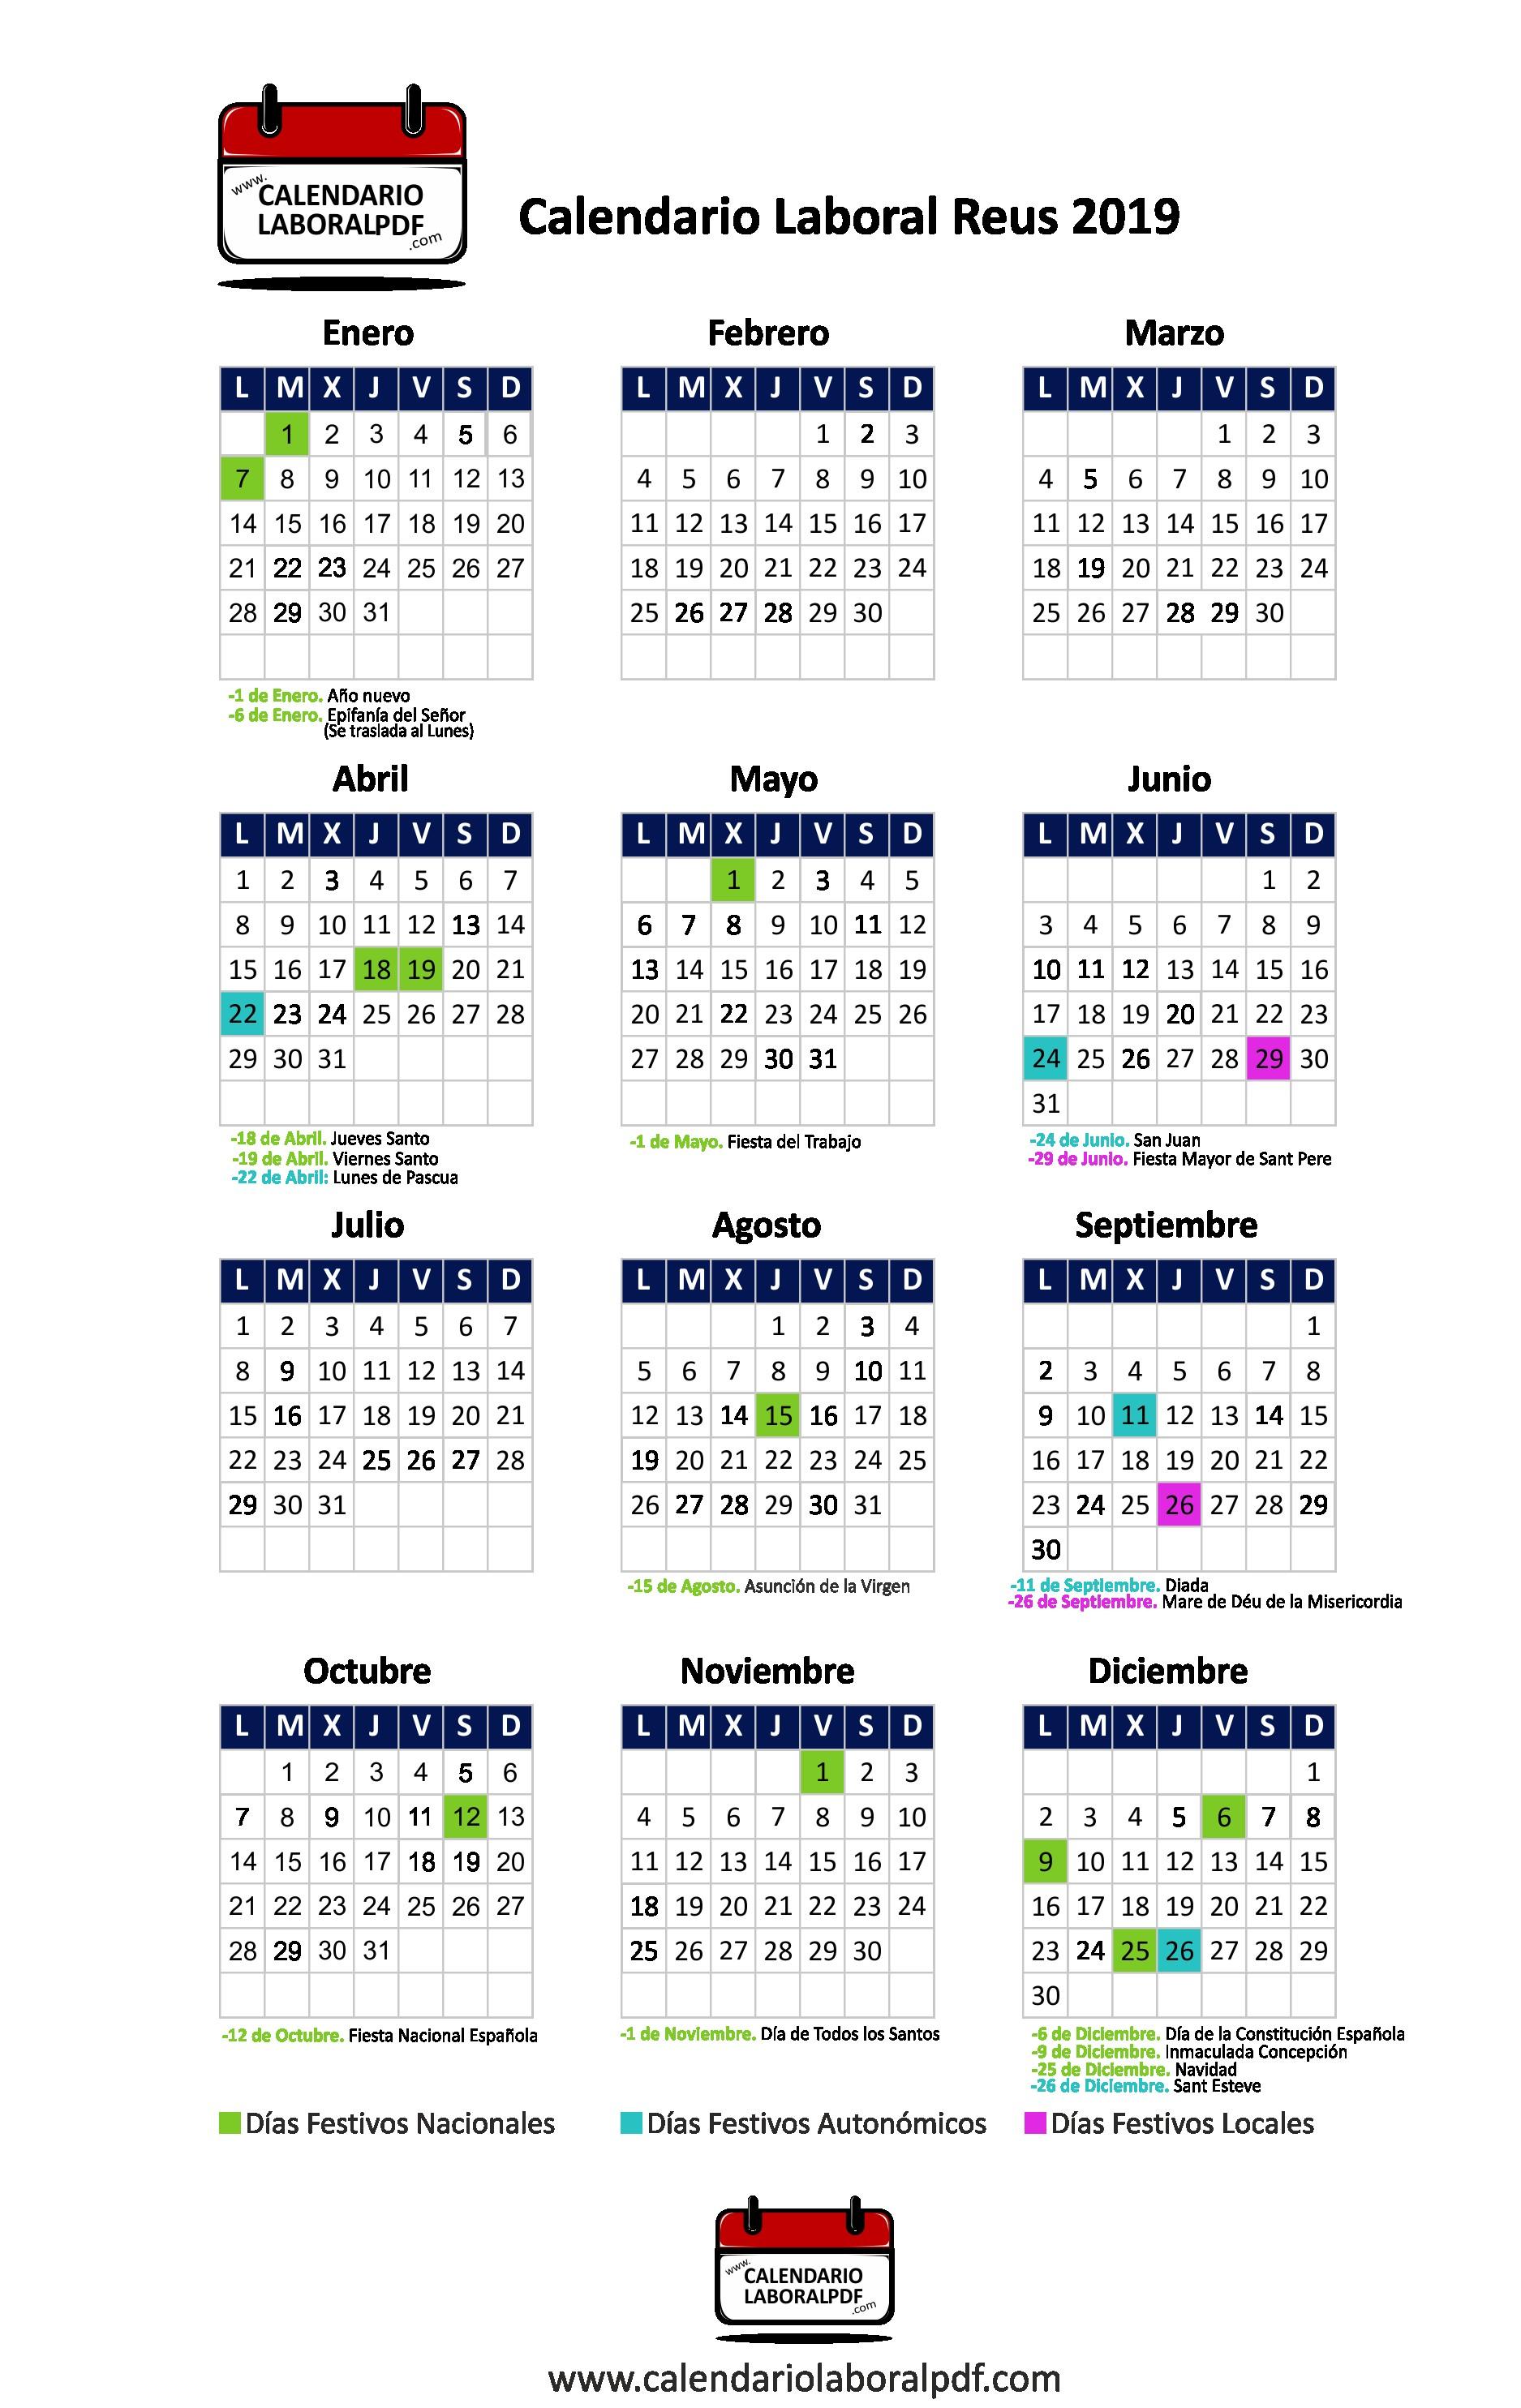 Calendario 2019 Barcelona Imprimir Más Populares Pascua 2019 Of Calendario 2019 Barcelona Imprimir Más Arriba-a-fecha Calendario Octubre 2018 Colombia T